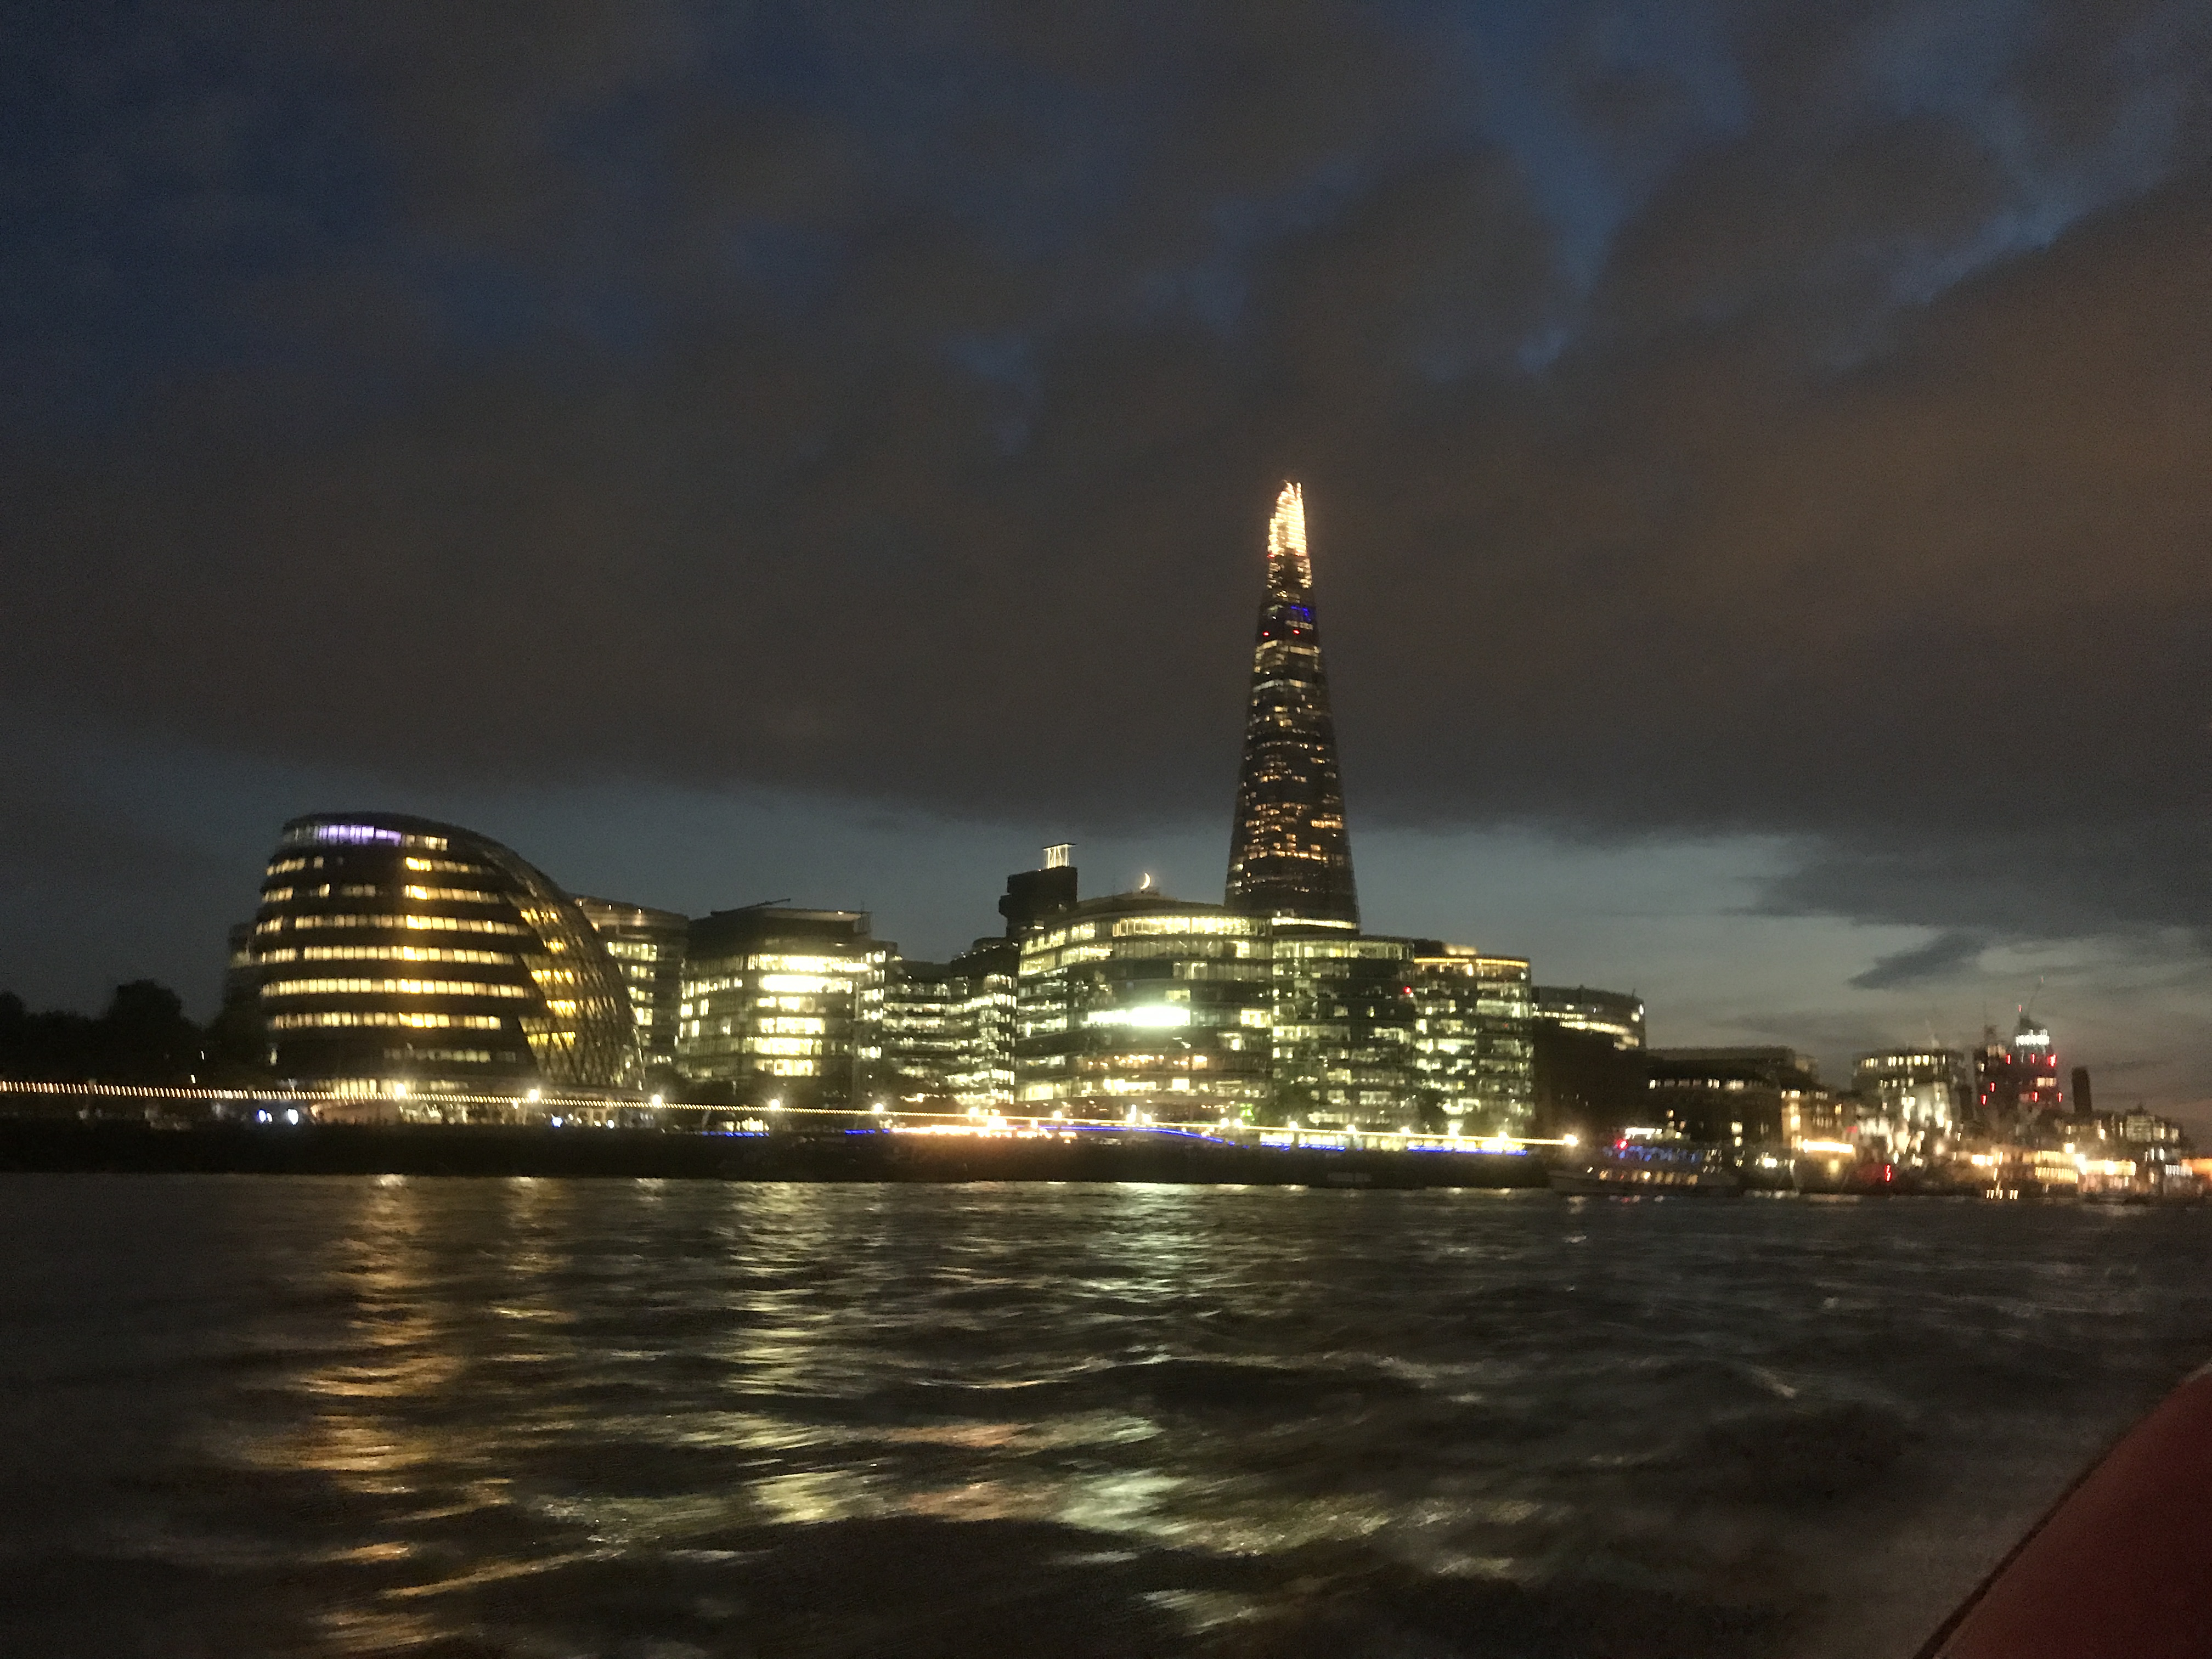 Thames Rocket view